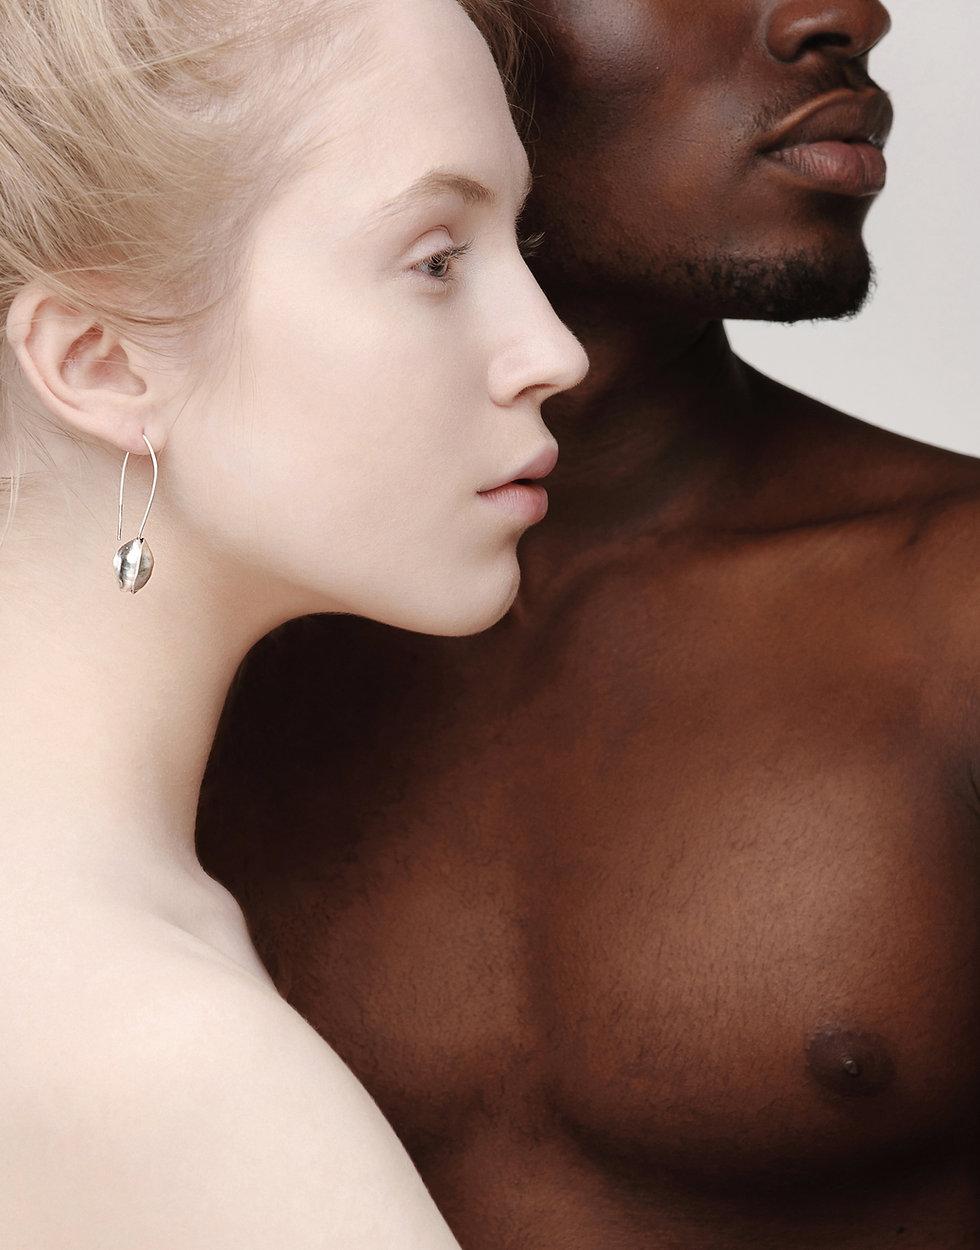 Light skinned female and dark skinned male